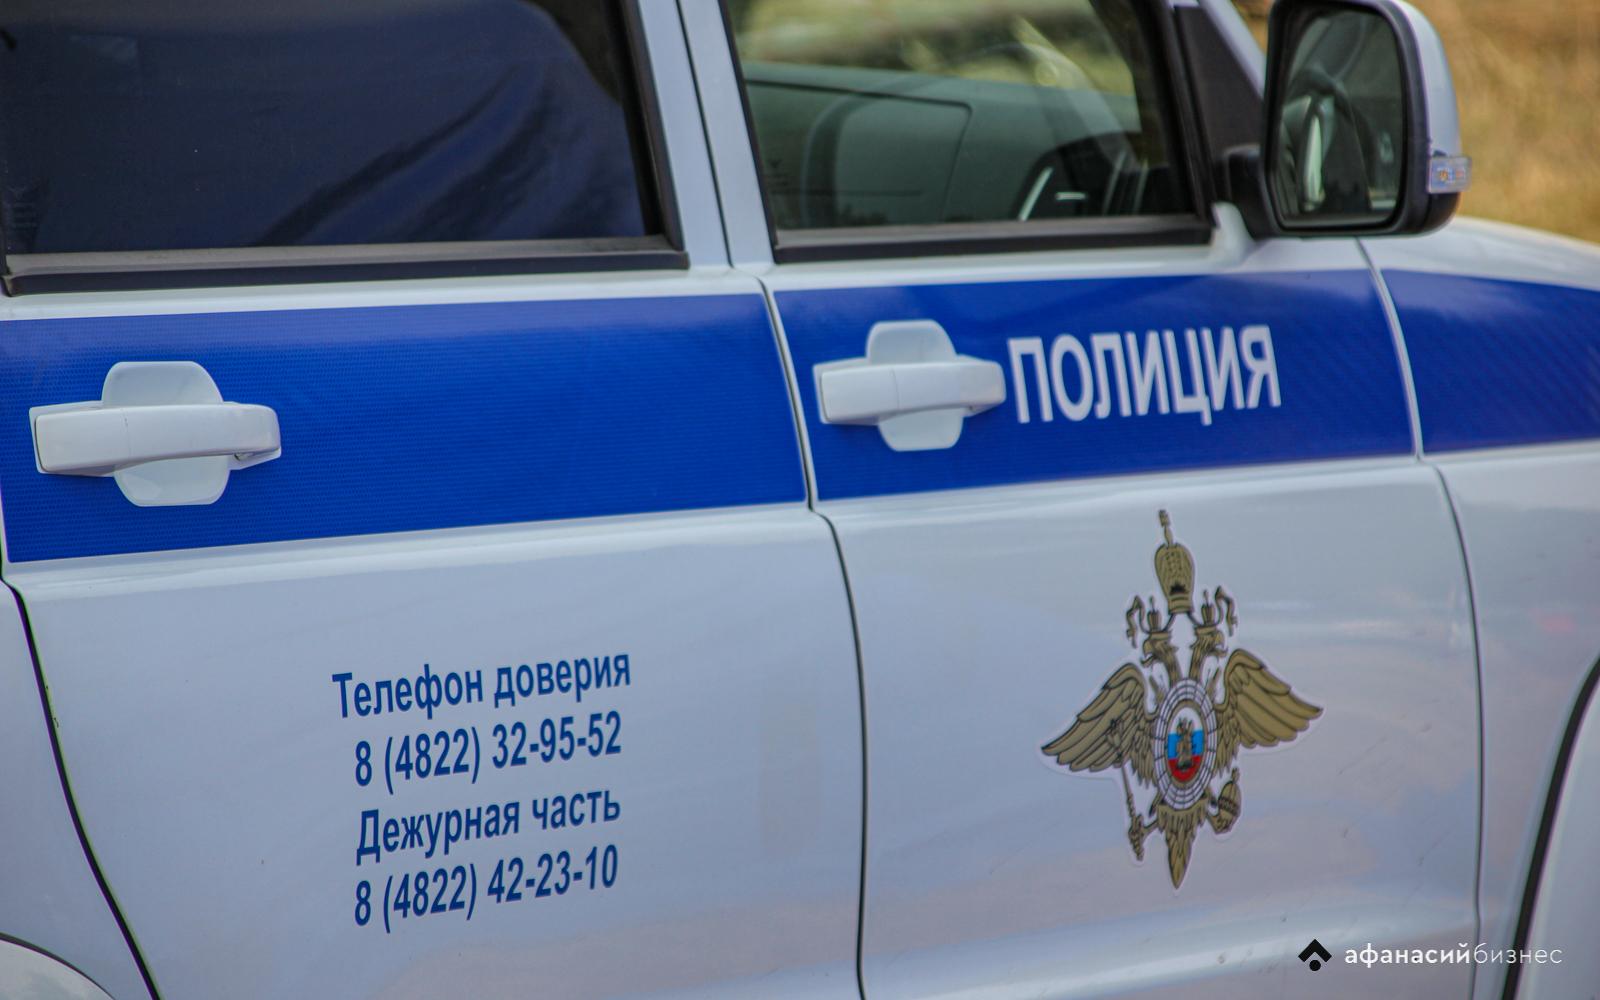 В Тверской области рецидивист забрался в дом соседки, чтобы украсть деньги и пропить их - новости Афанасий